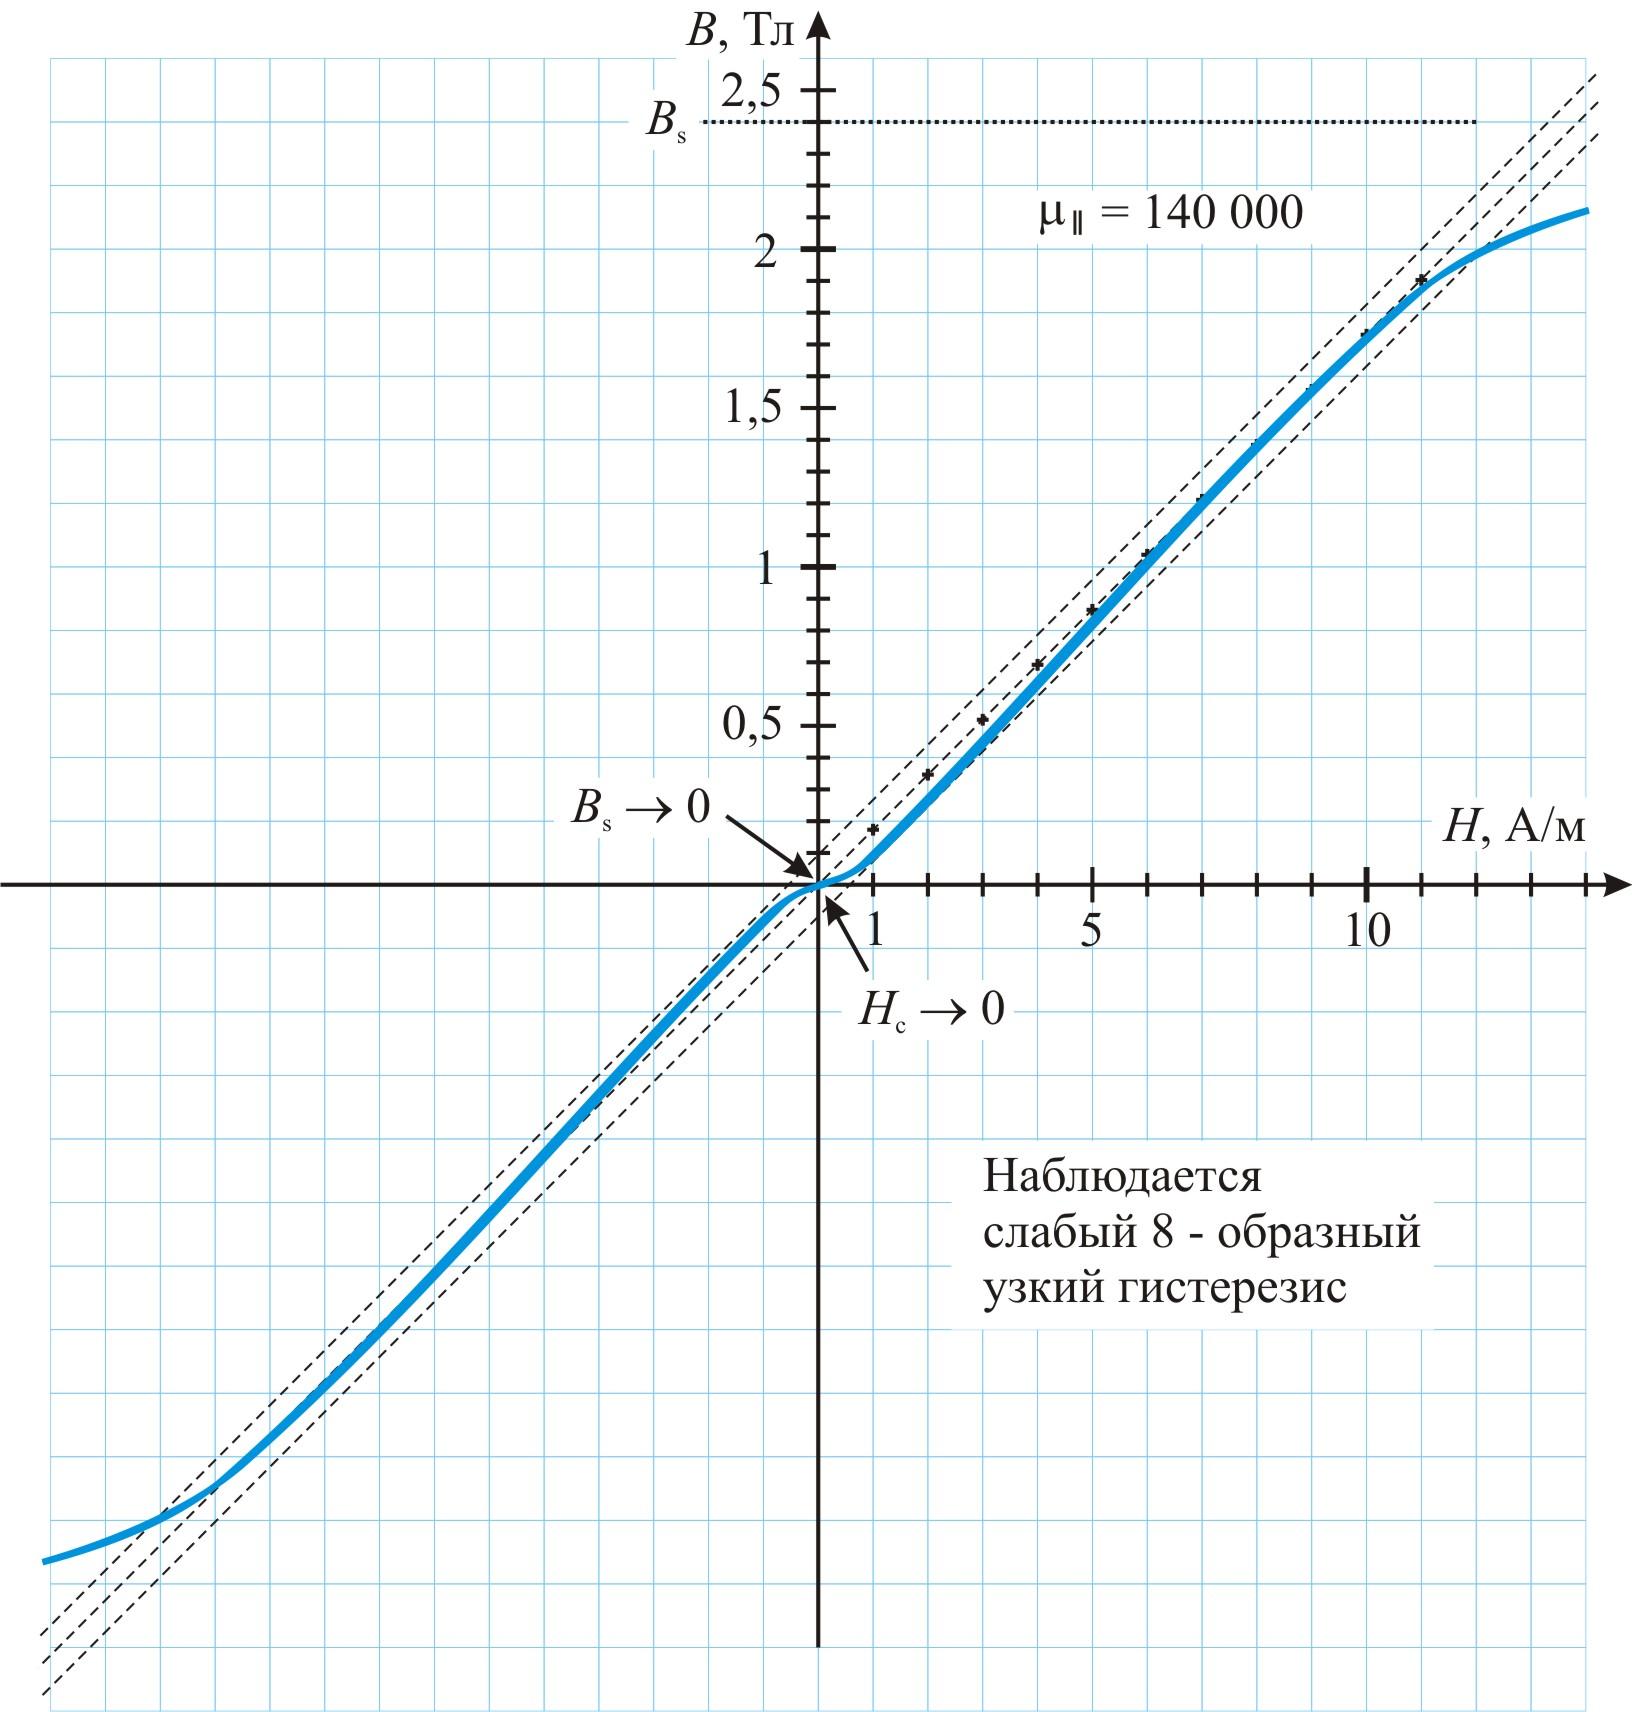 Кривая намагничивания B(H) стержня-обмотки в направлении рабочего магнитного потока благодаря слабому перпендикулярному подмагничиванию имеет едва заметный гистерезис. Лучшие новые ферромагнитные материалы могут не иметь заметного загиба на начальном участке кривой B(H)